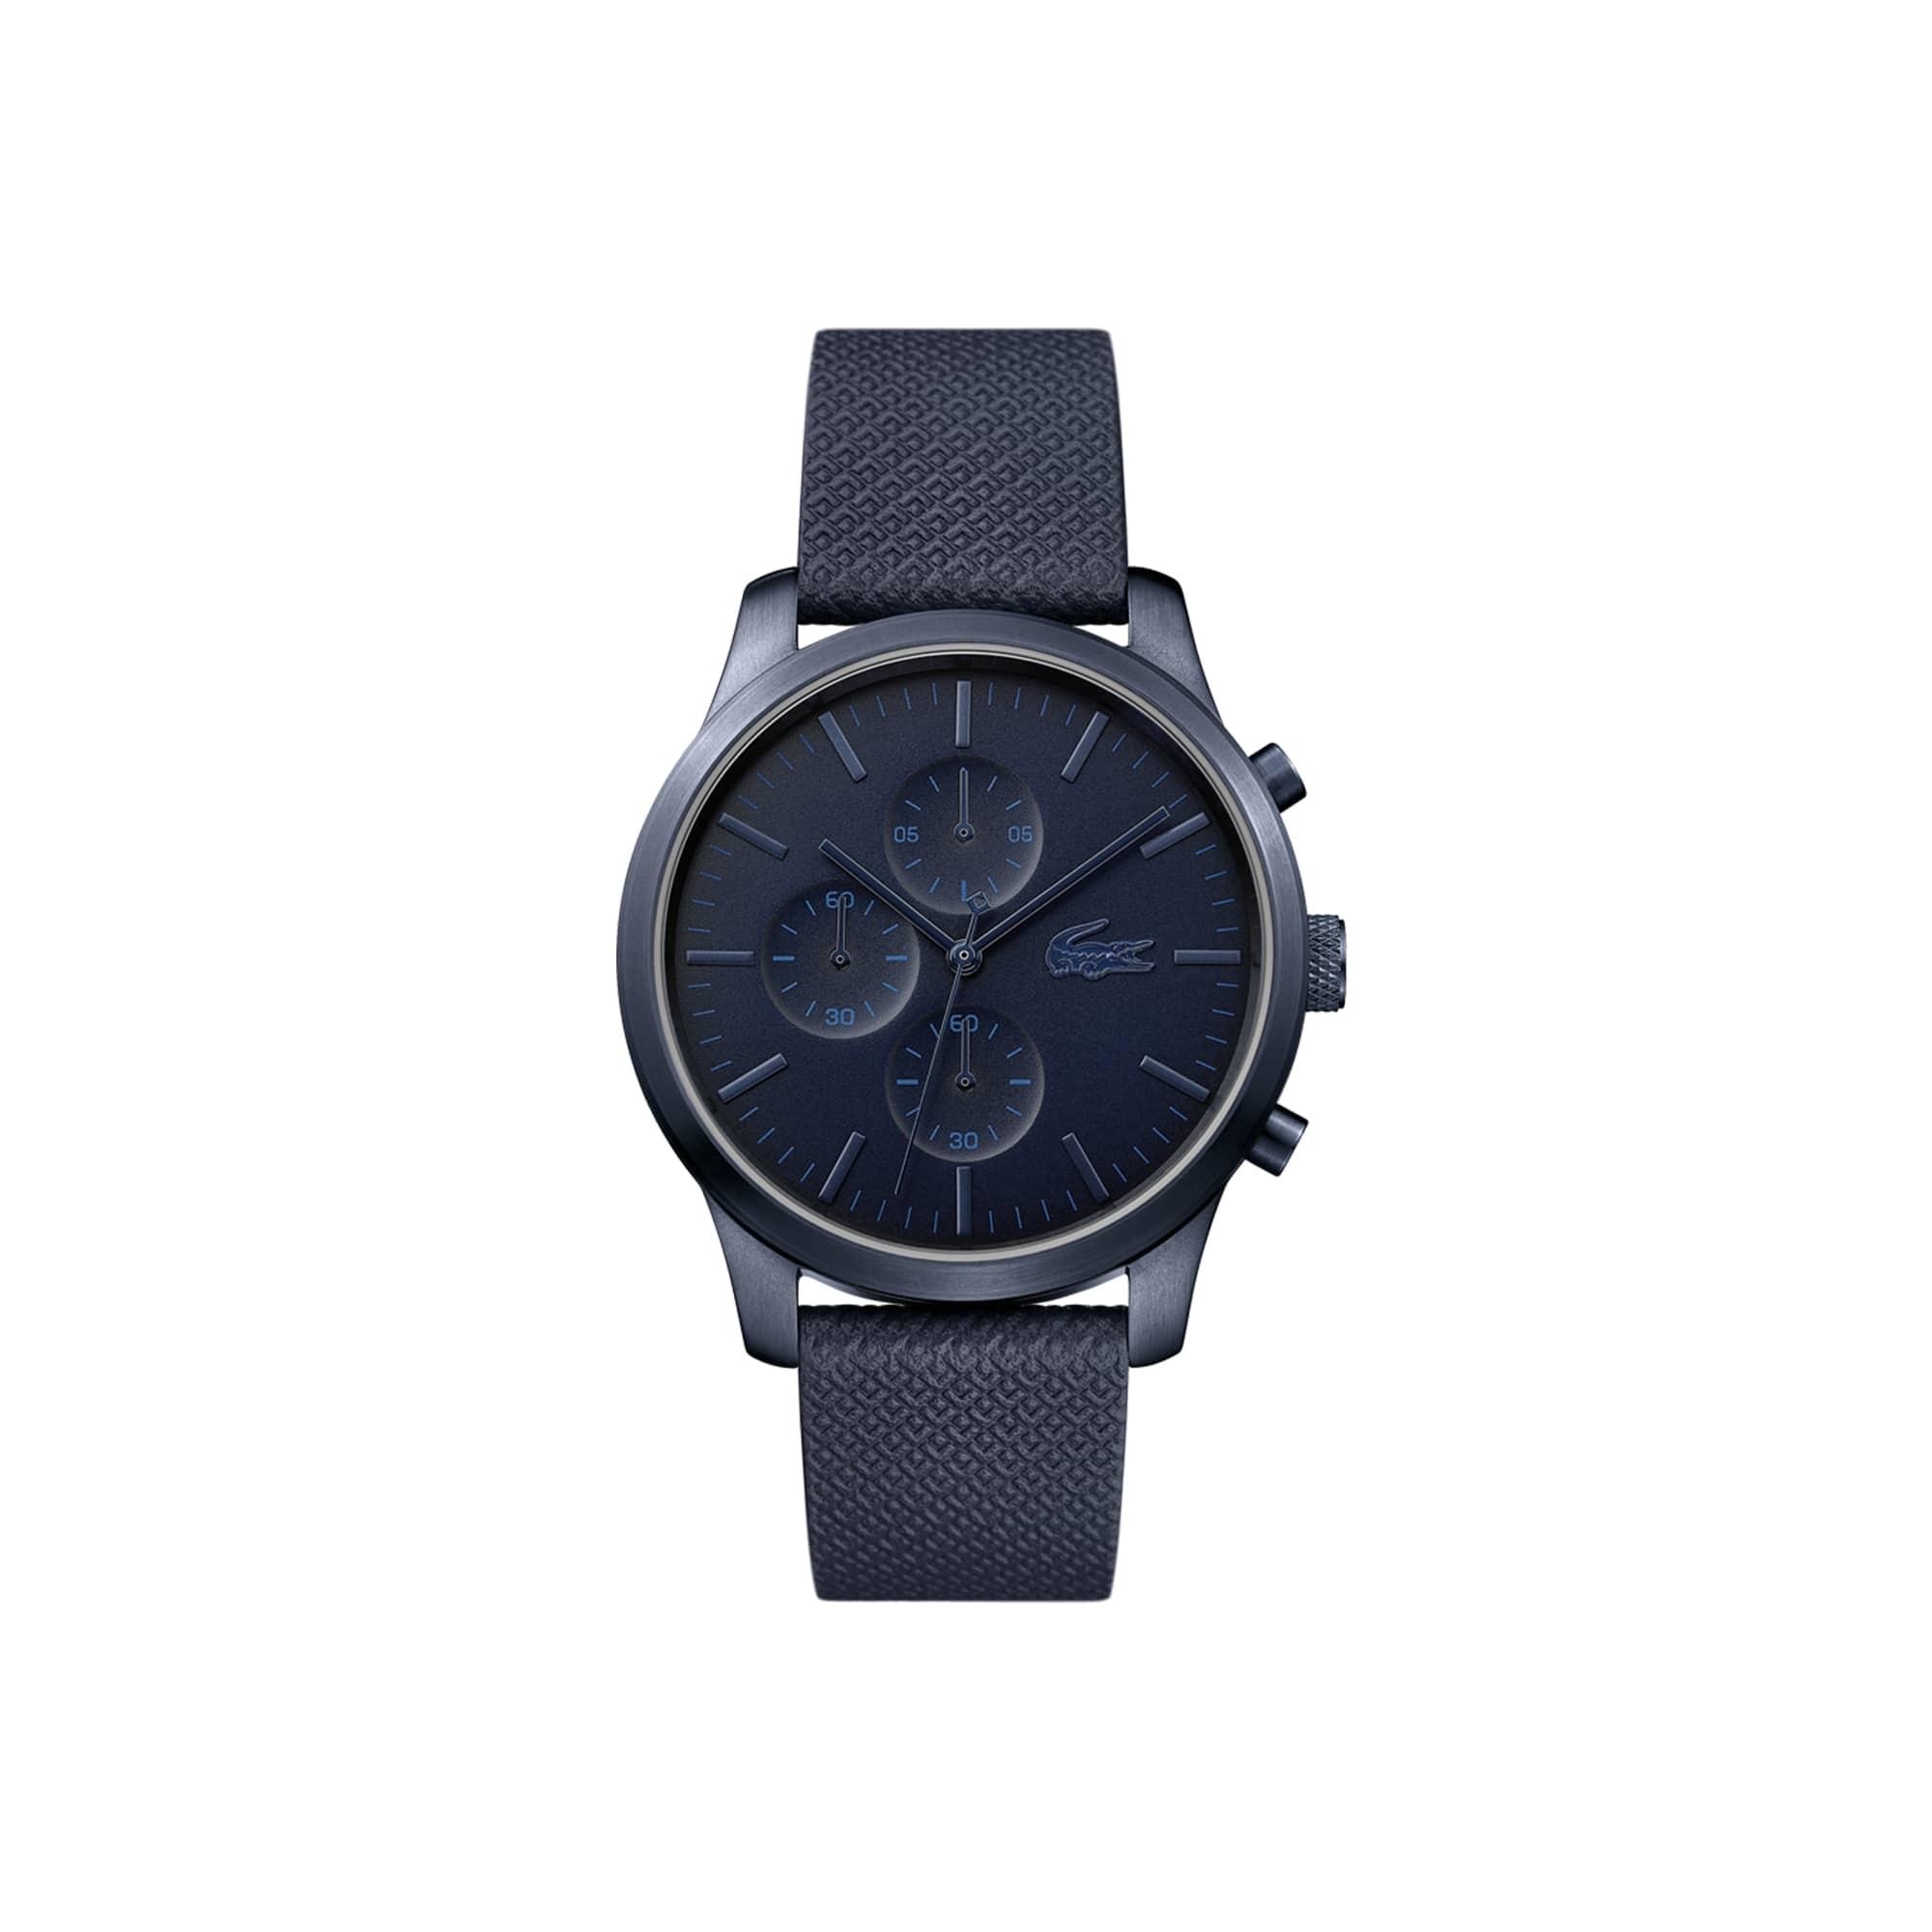 Orologio cronografo Lacoste 12.12 da uomo 85° anniversario con cinturino in pelle blu e goffratura petit piqué